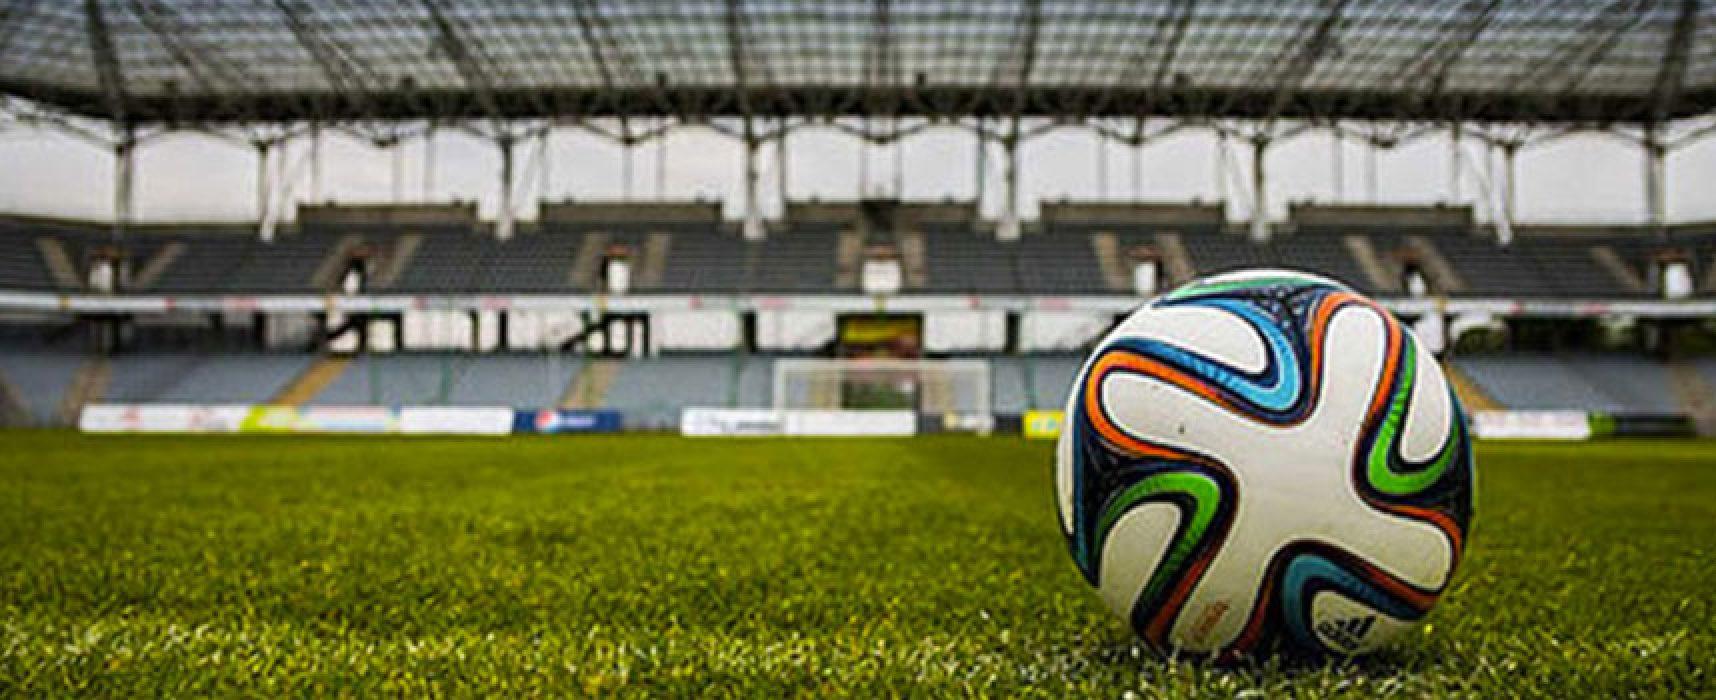 Lega Nazionale Dilettanti prolunga sospensione attività sino al 3 aprile